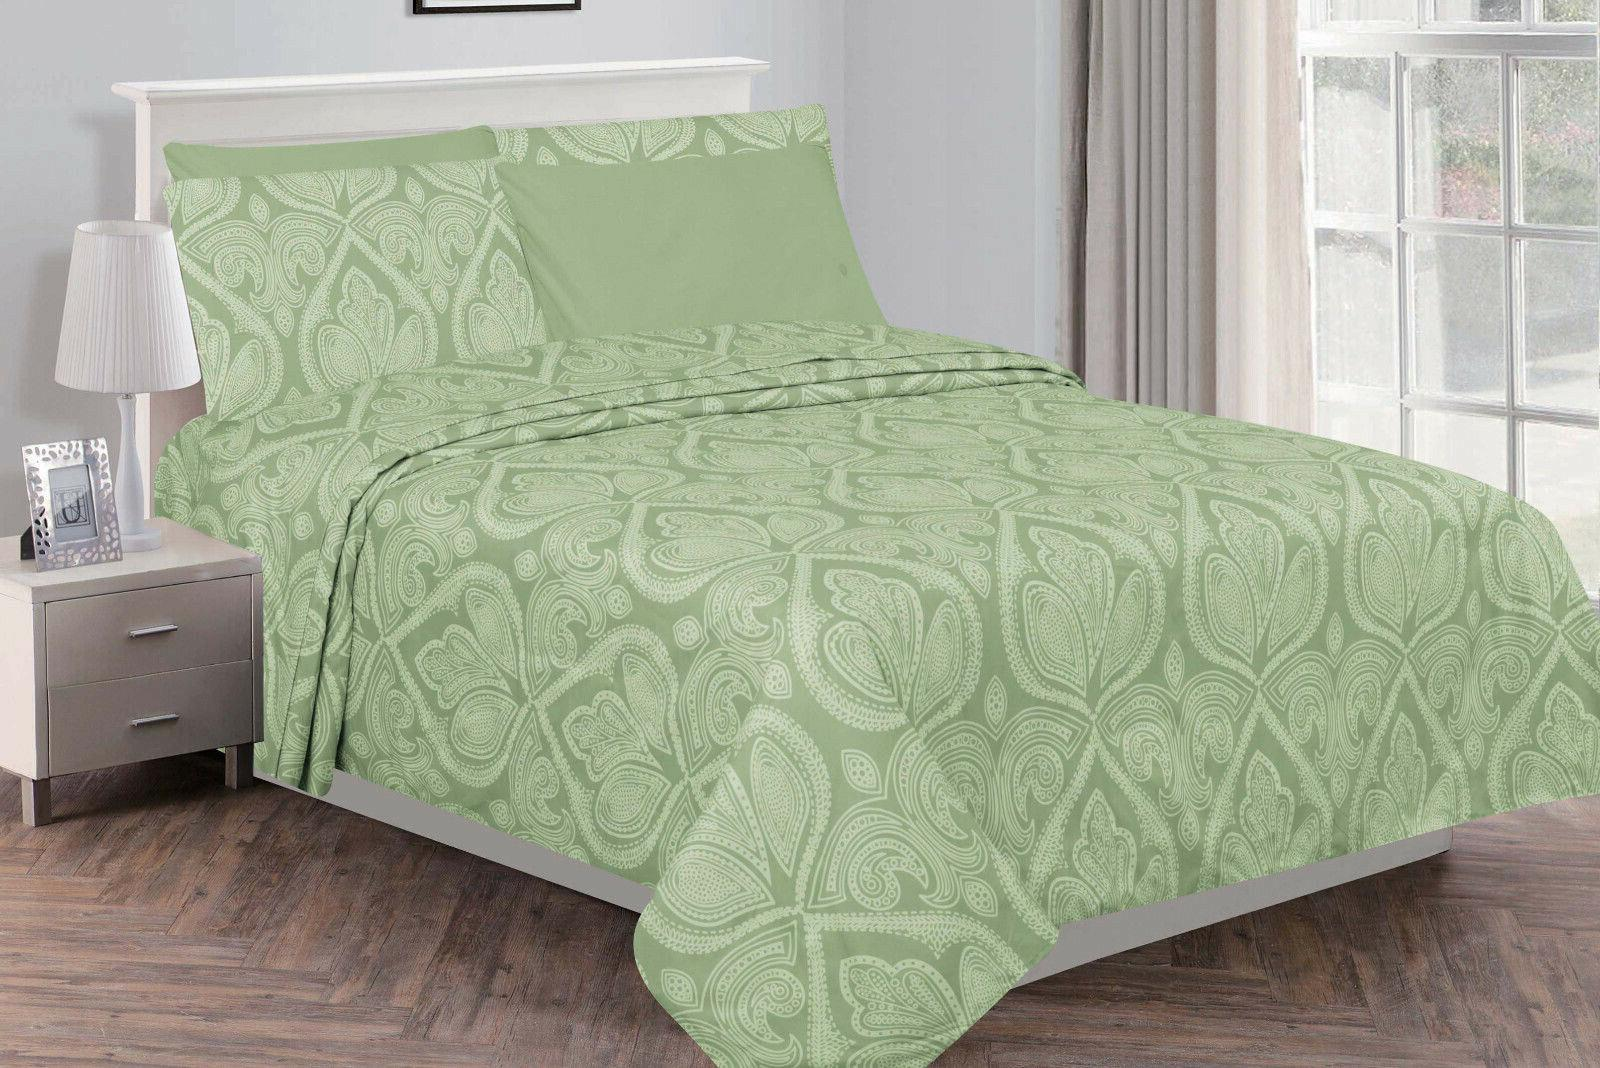 6 Bed 1800 Set